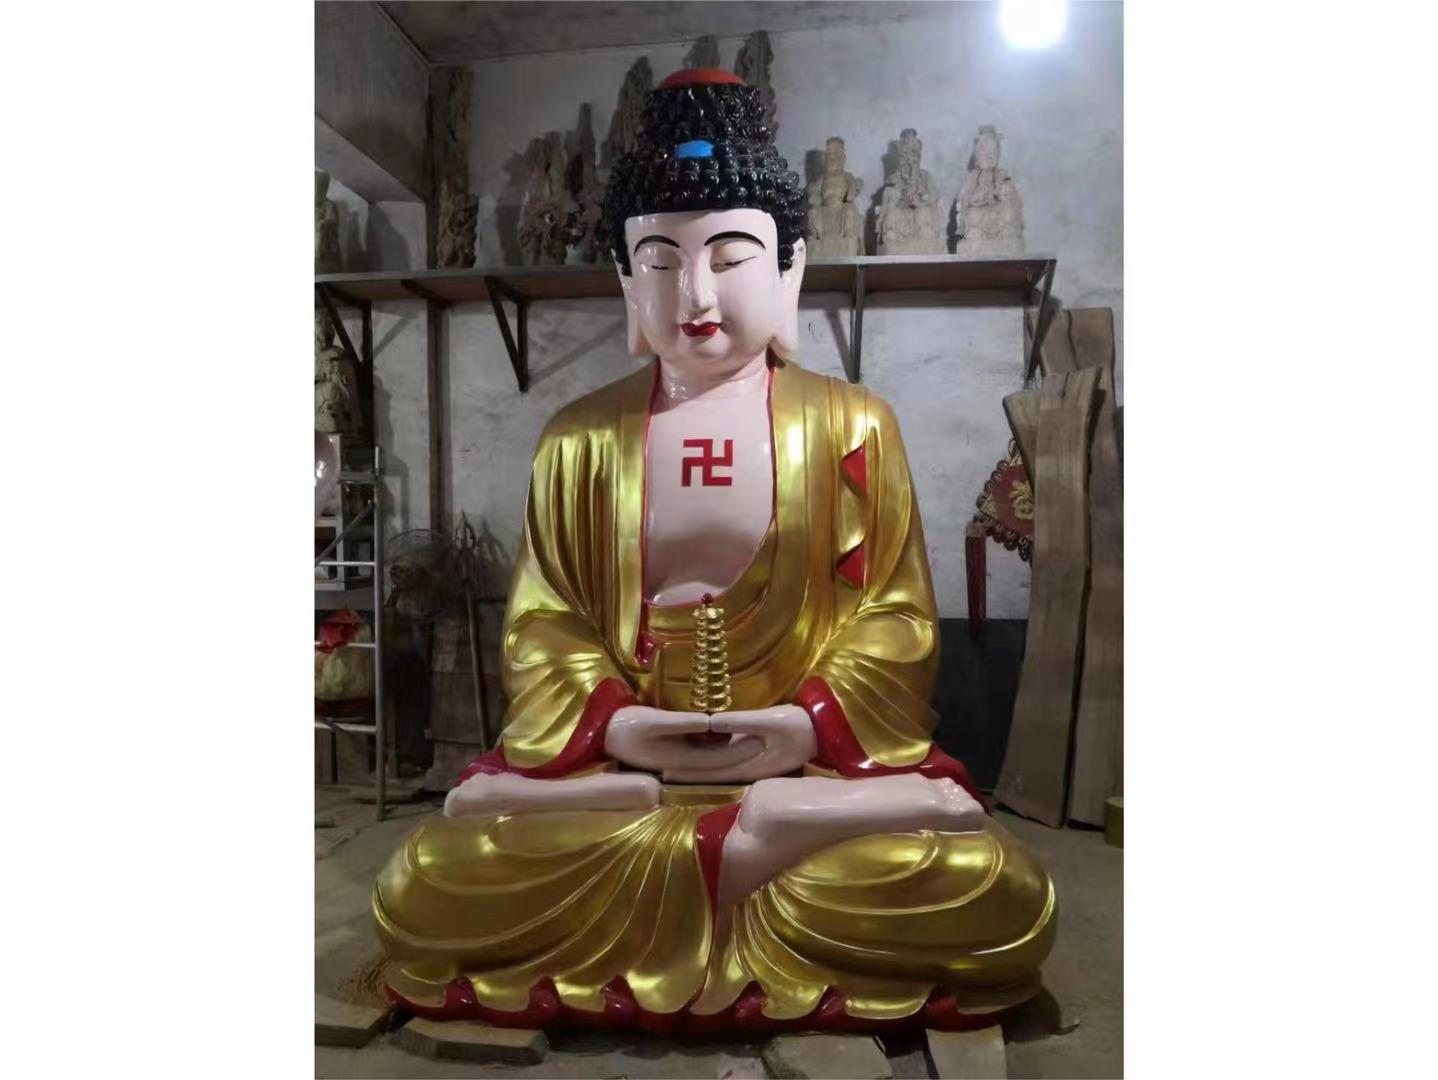 四川藥師佛雕像尺寸,大型木雕佛像訂制